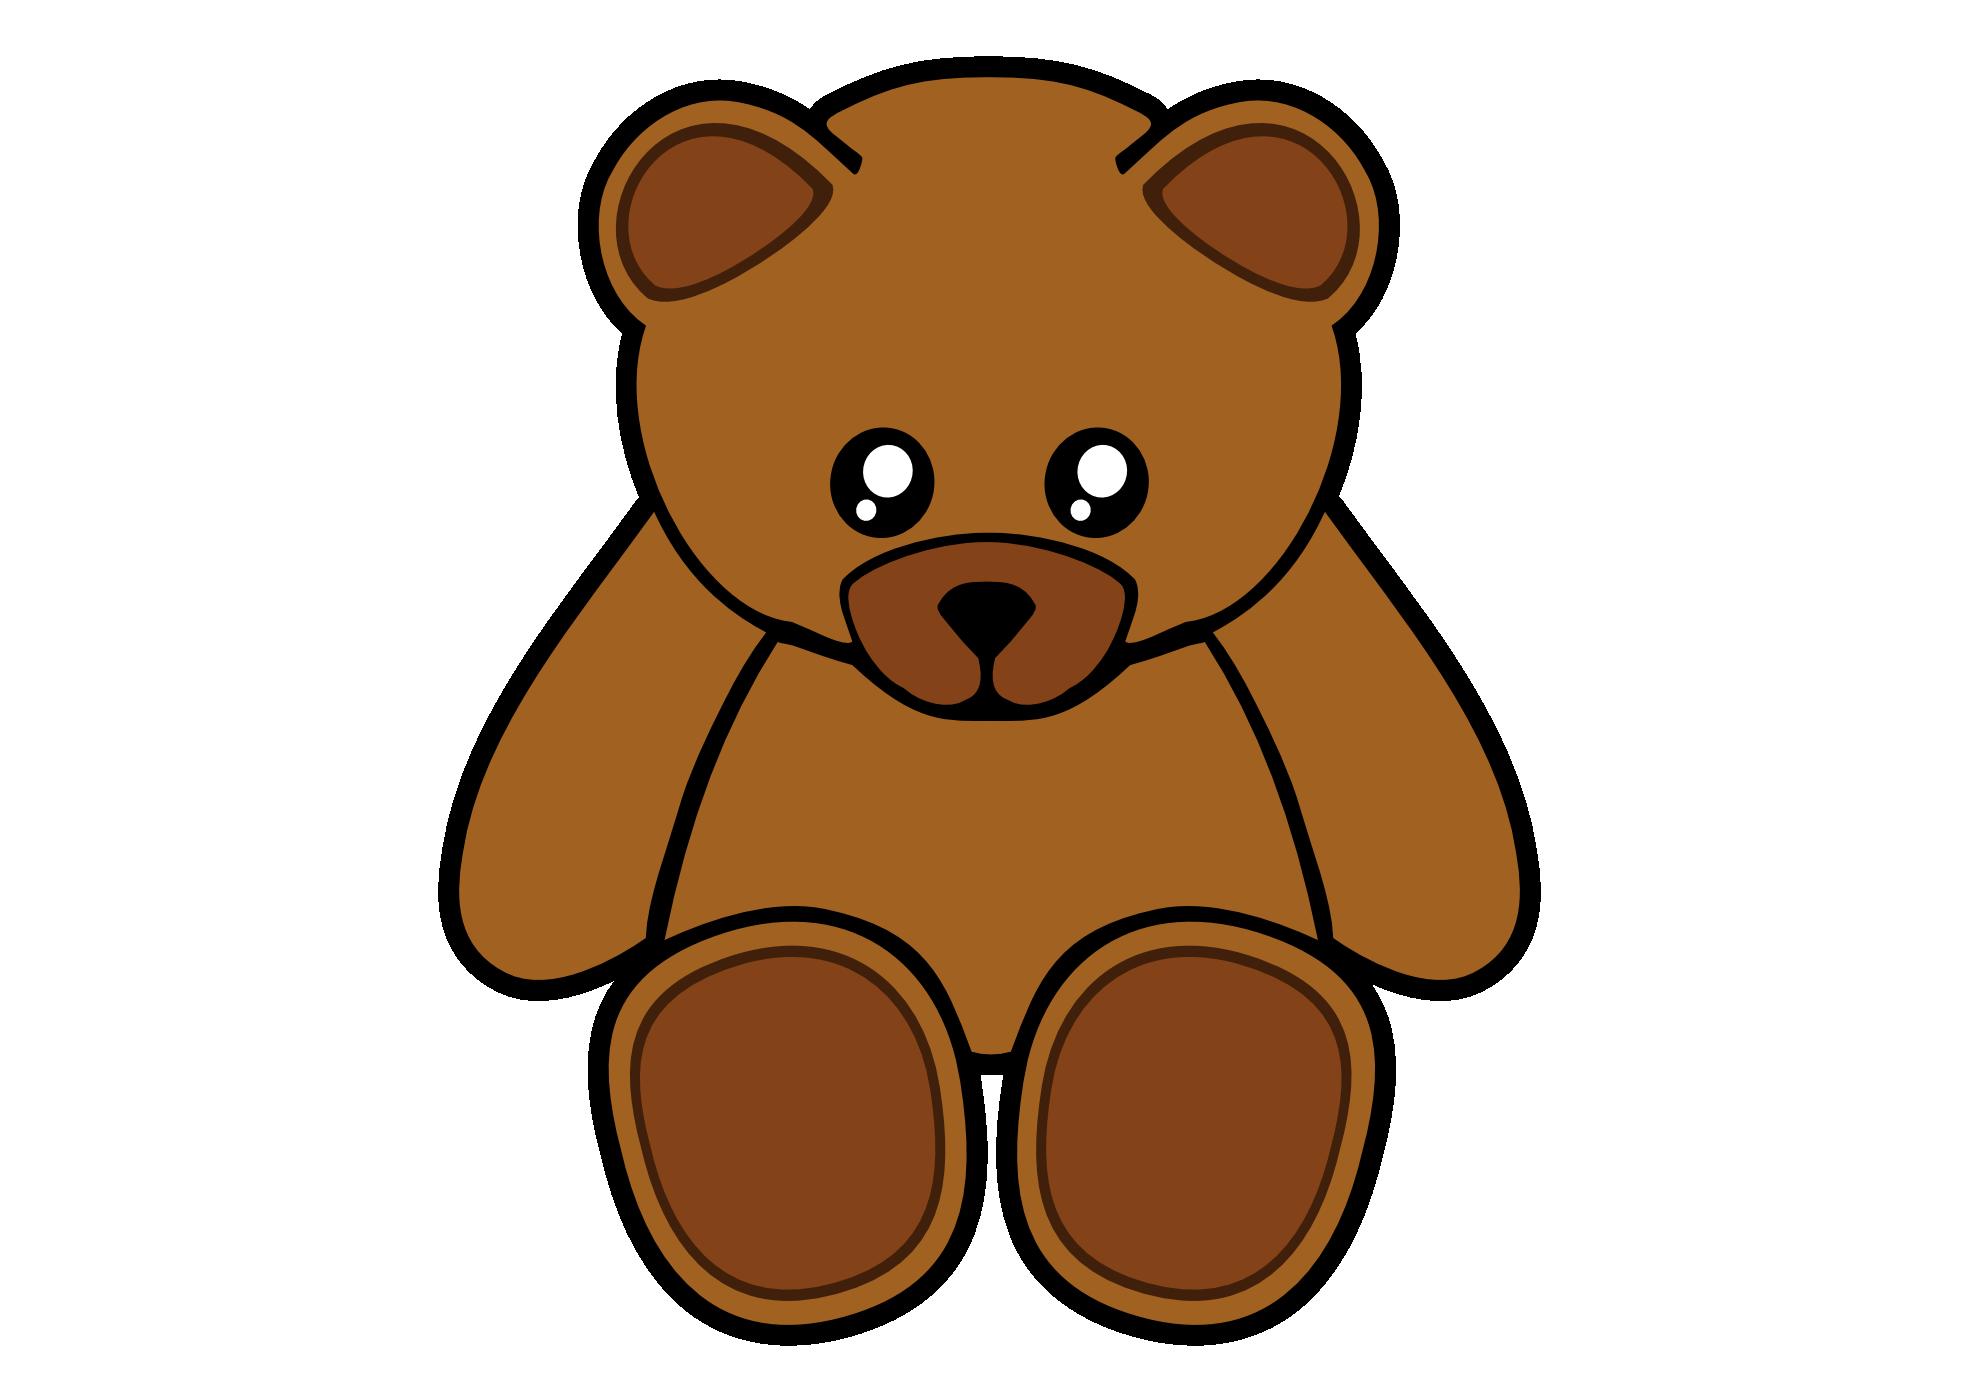 1979x1399 Teddy Bear Clipart Image Clip Art A Teddy Bear 2 Clipartwiz